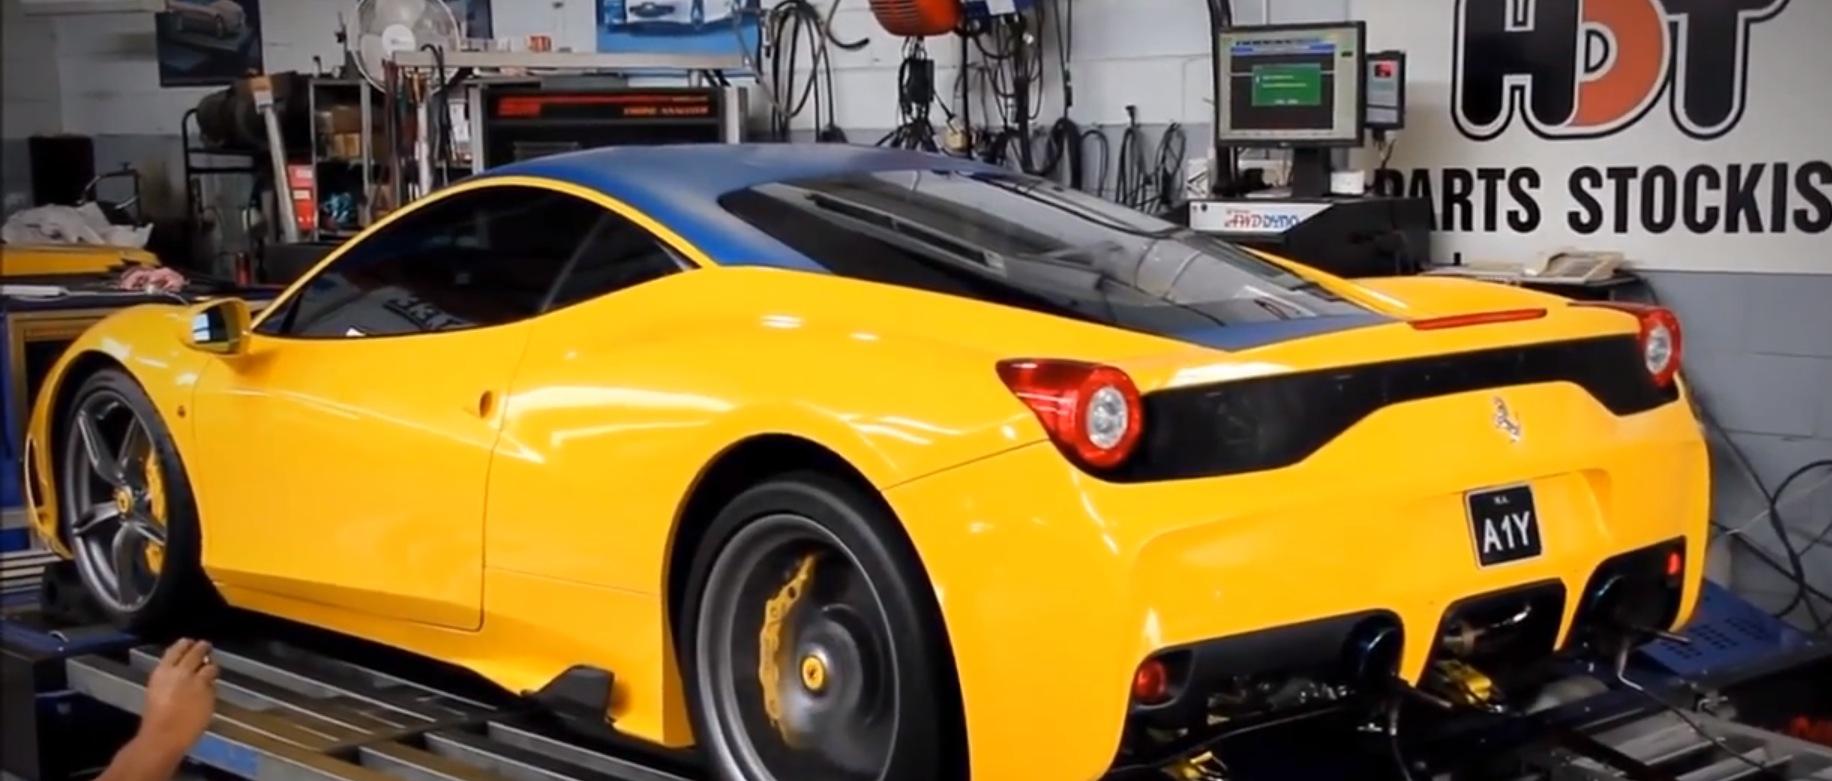 Used Ferrari 612 Scaglietti For Sale  CarGurus